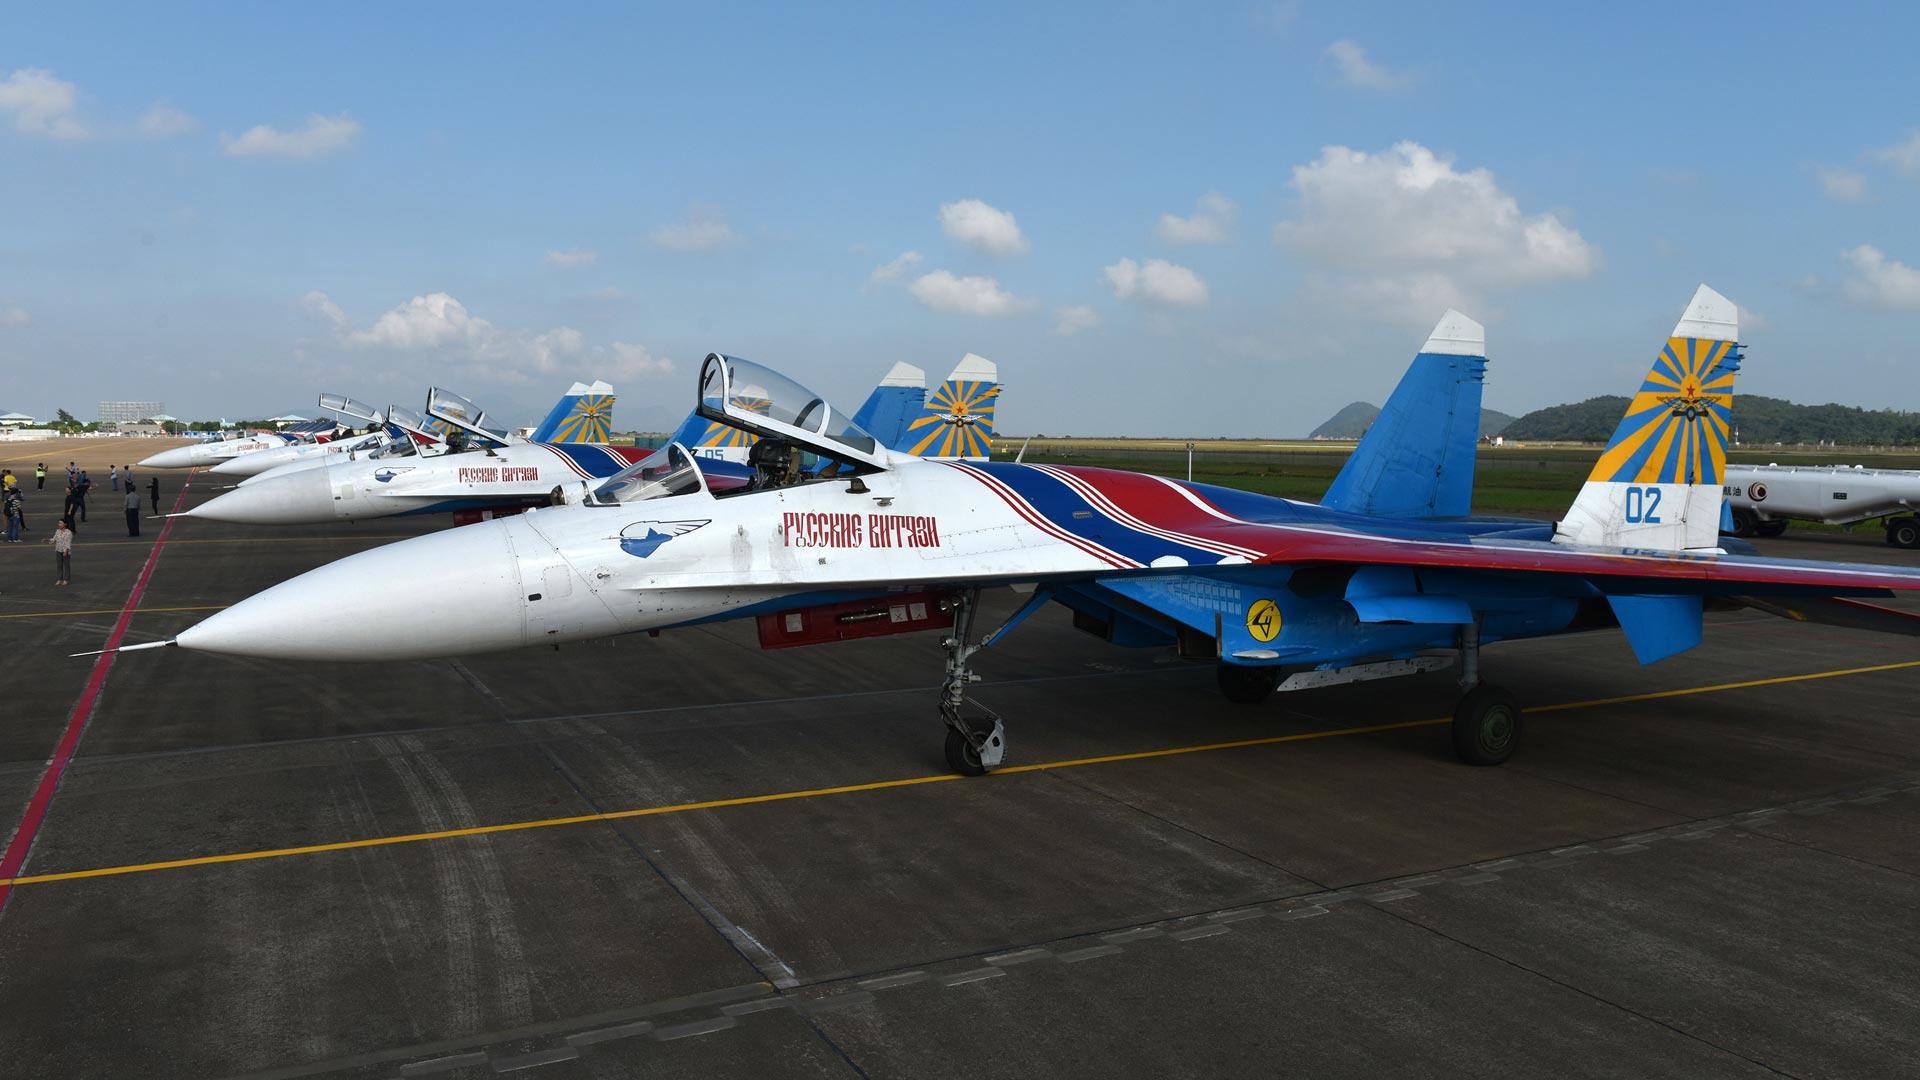 """俄罗斯""""勇士""""特技飞行表演队5架苏-27表演机停放在珠海机场."""